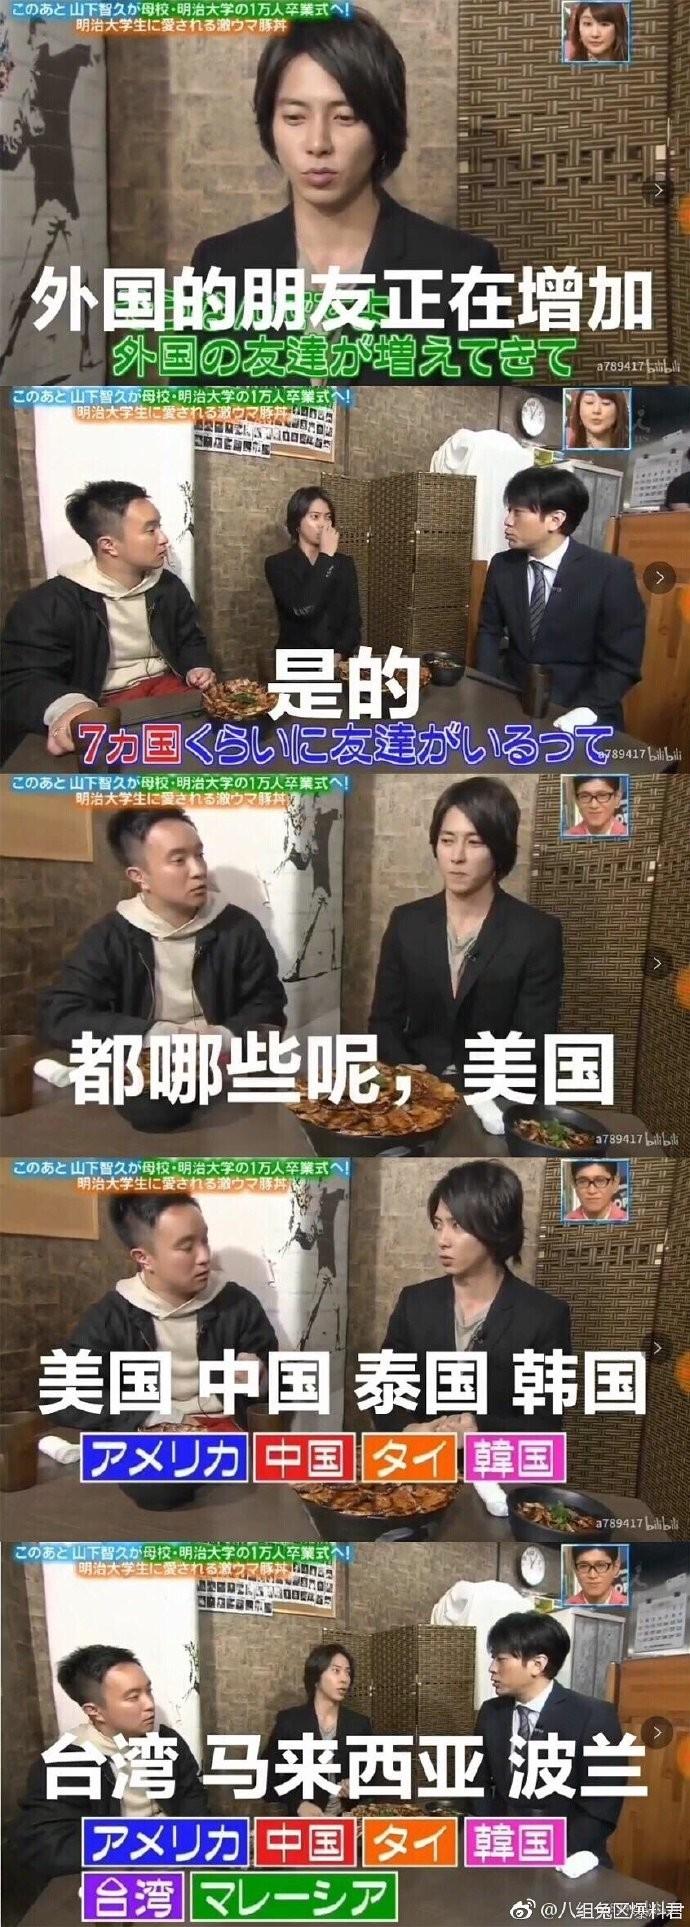 山下智久在節目上爆出「台獨」言論,在中國網友之間形成兩派說法。(擷取自微博)